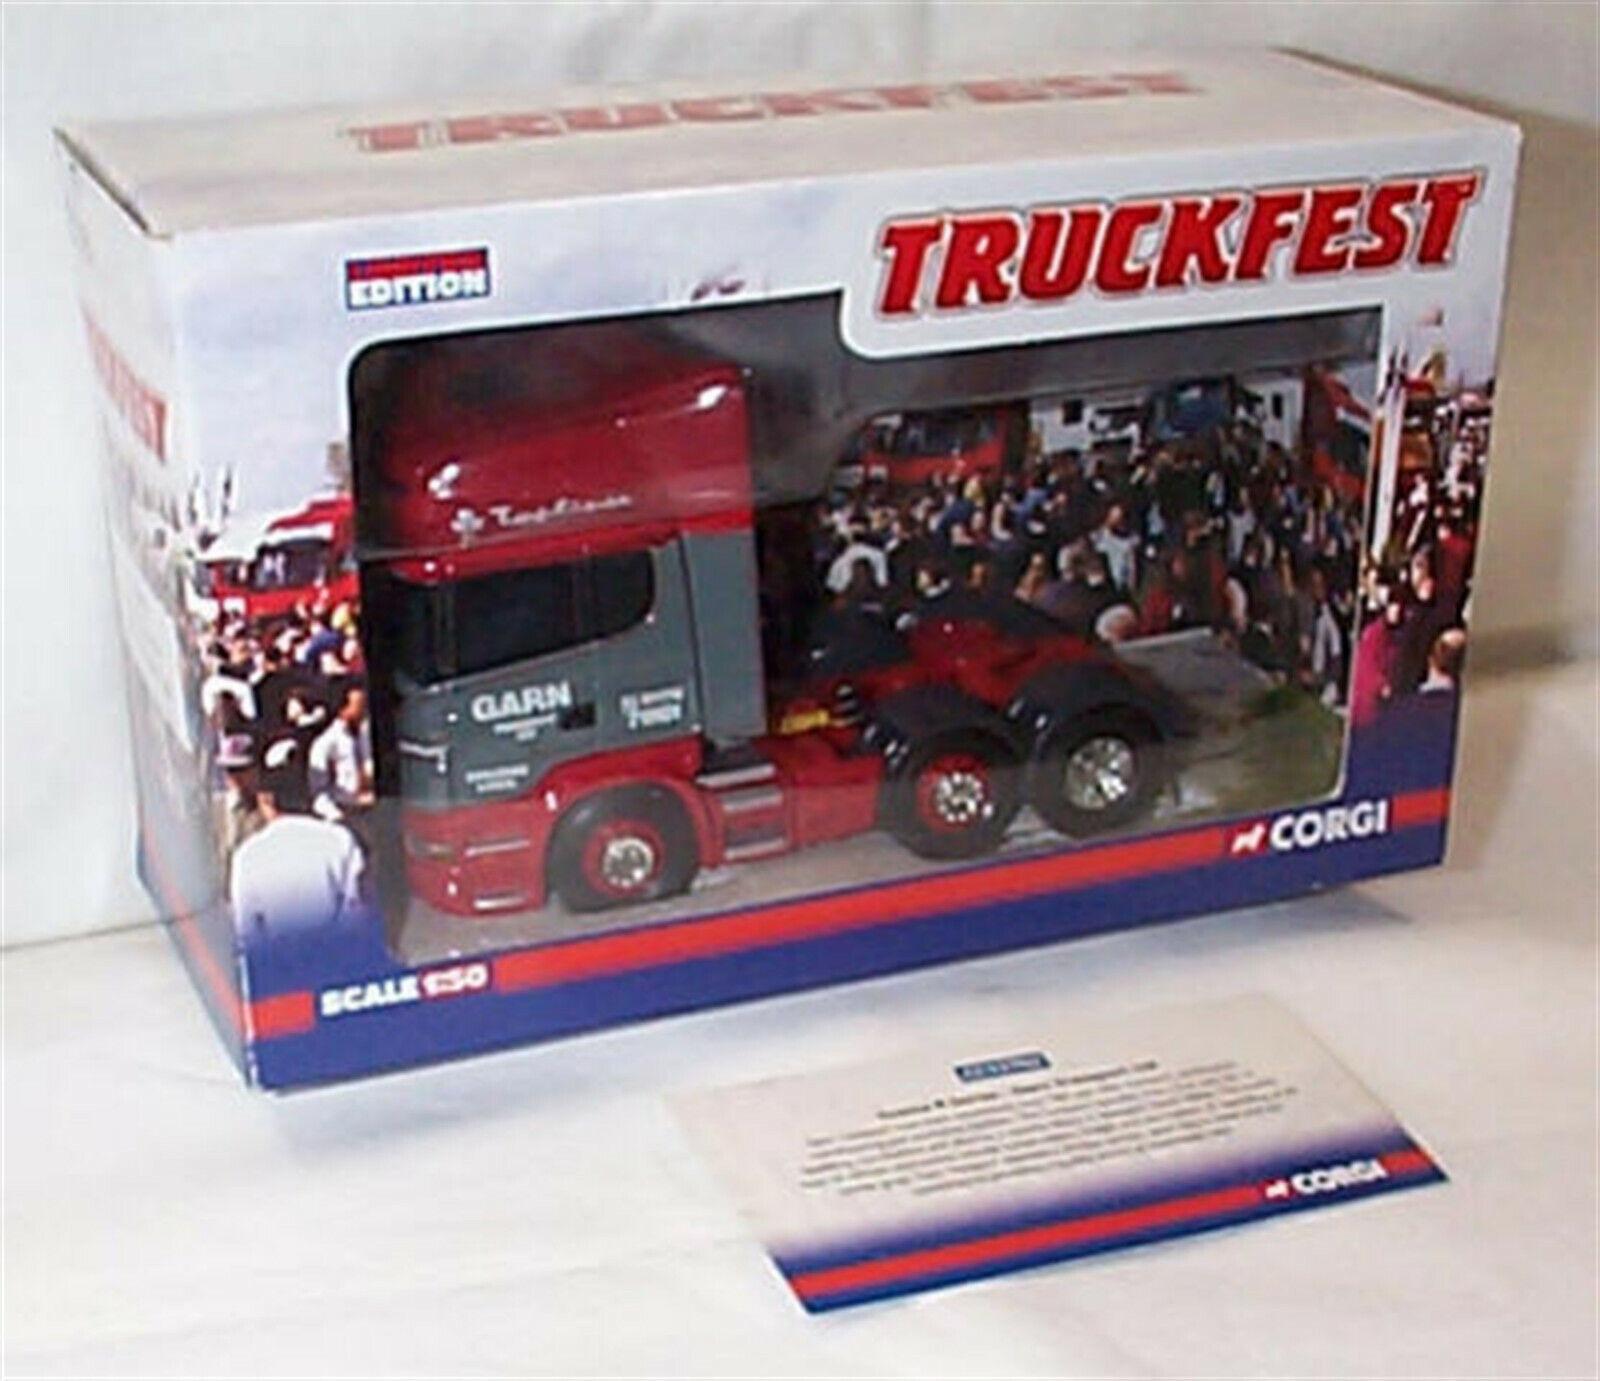 Scania R Series Tractor unit Garn Transport Ltd Ltd Ltd CC13702 New in Box Ltd Edition e6e496